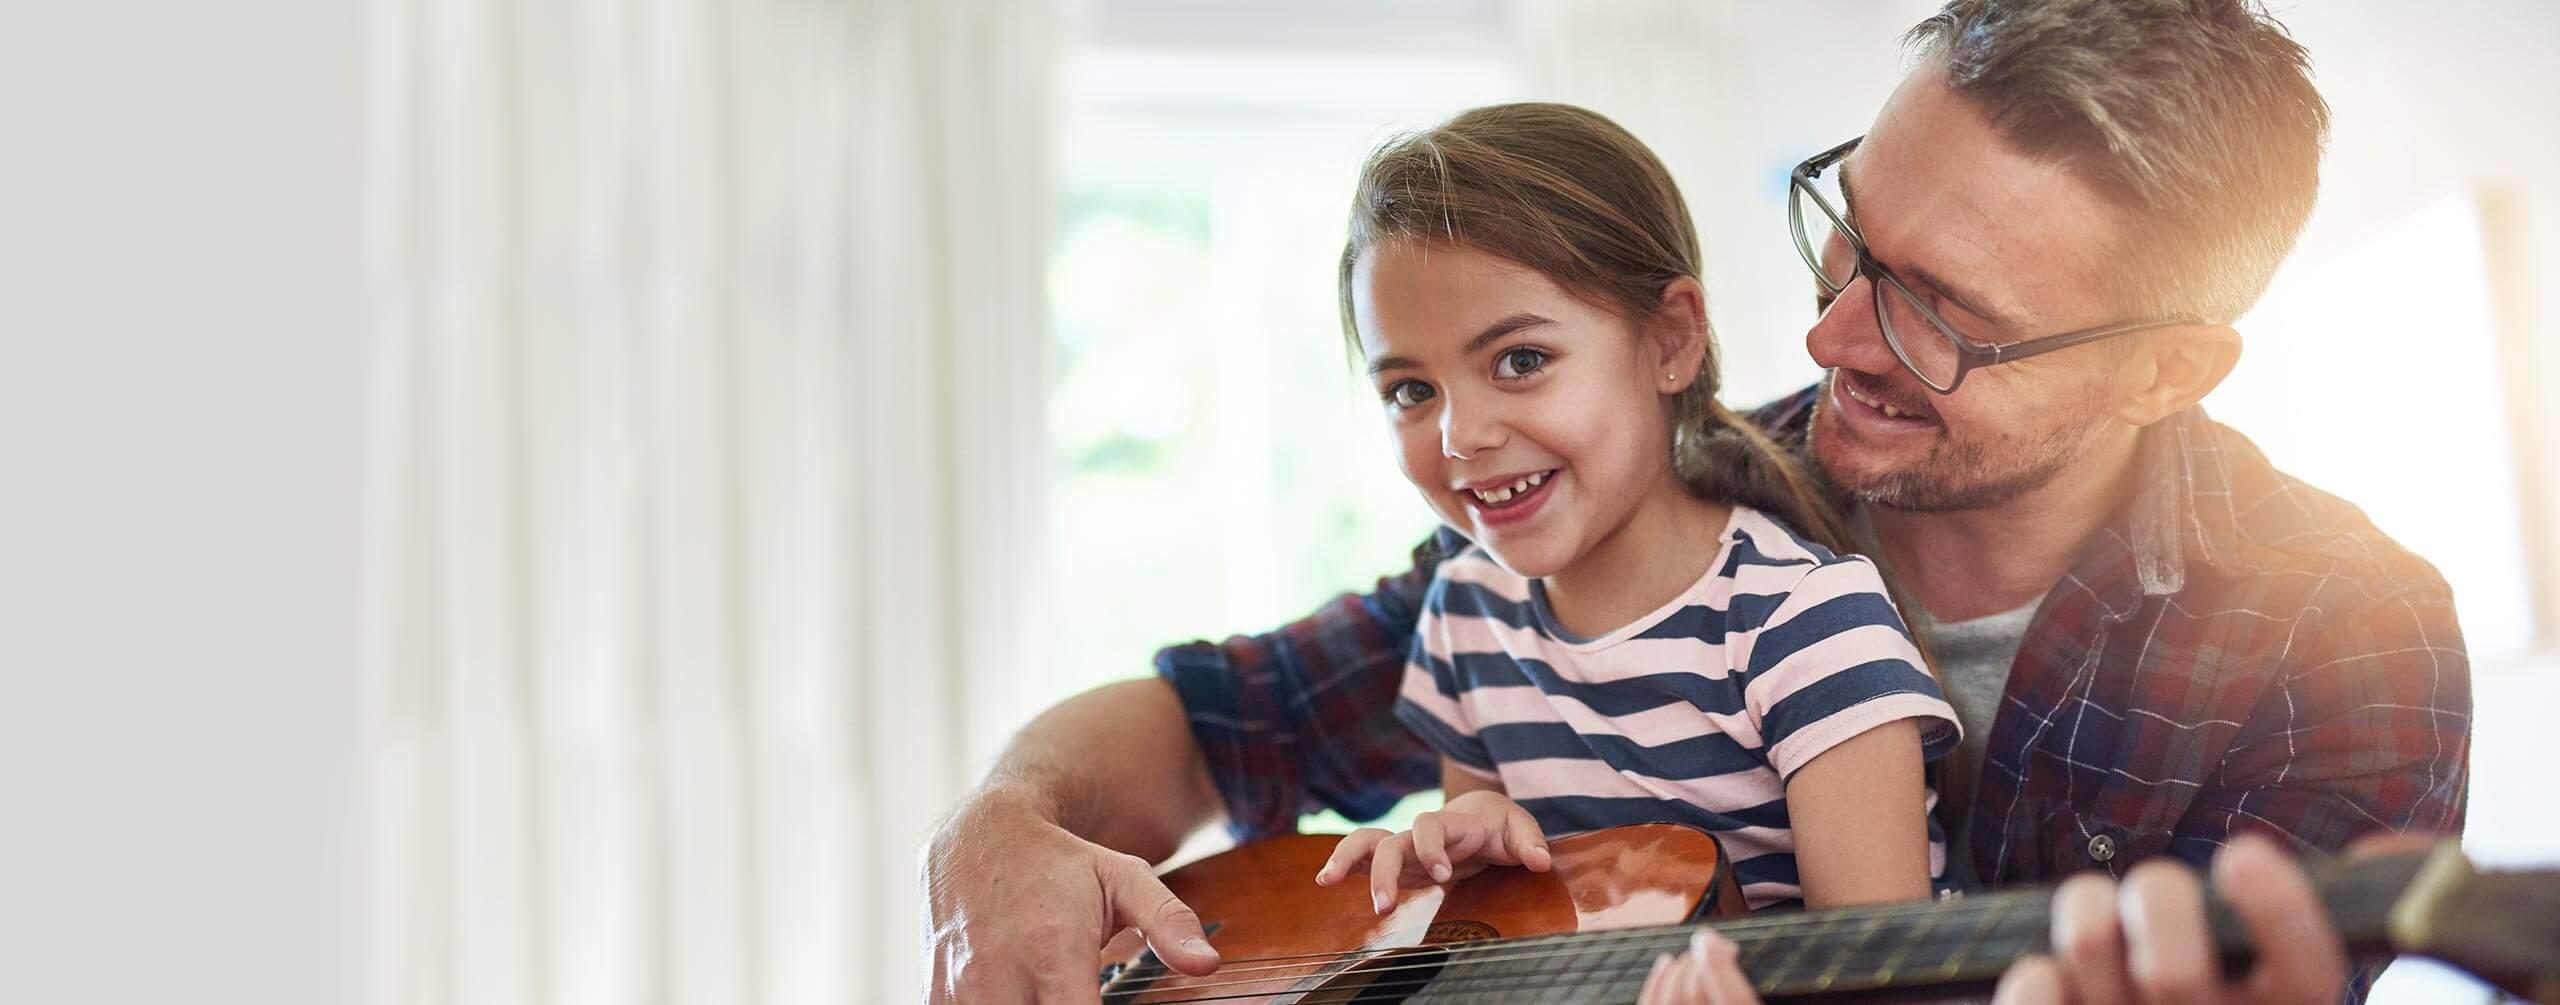 Vater und Tochter spielen zusammen auf der Gitarre.